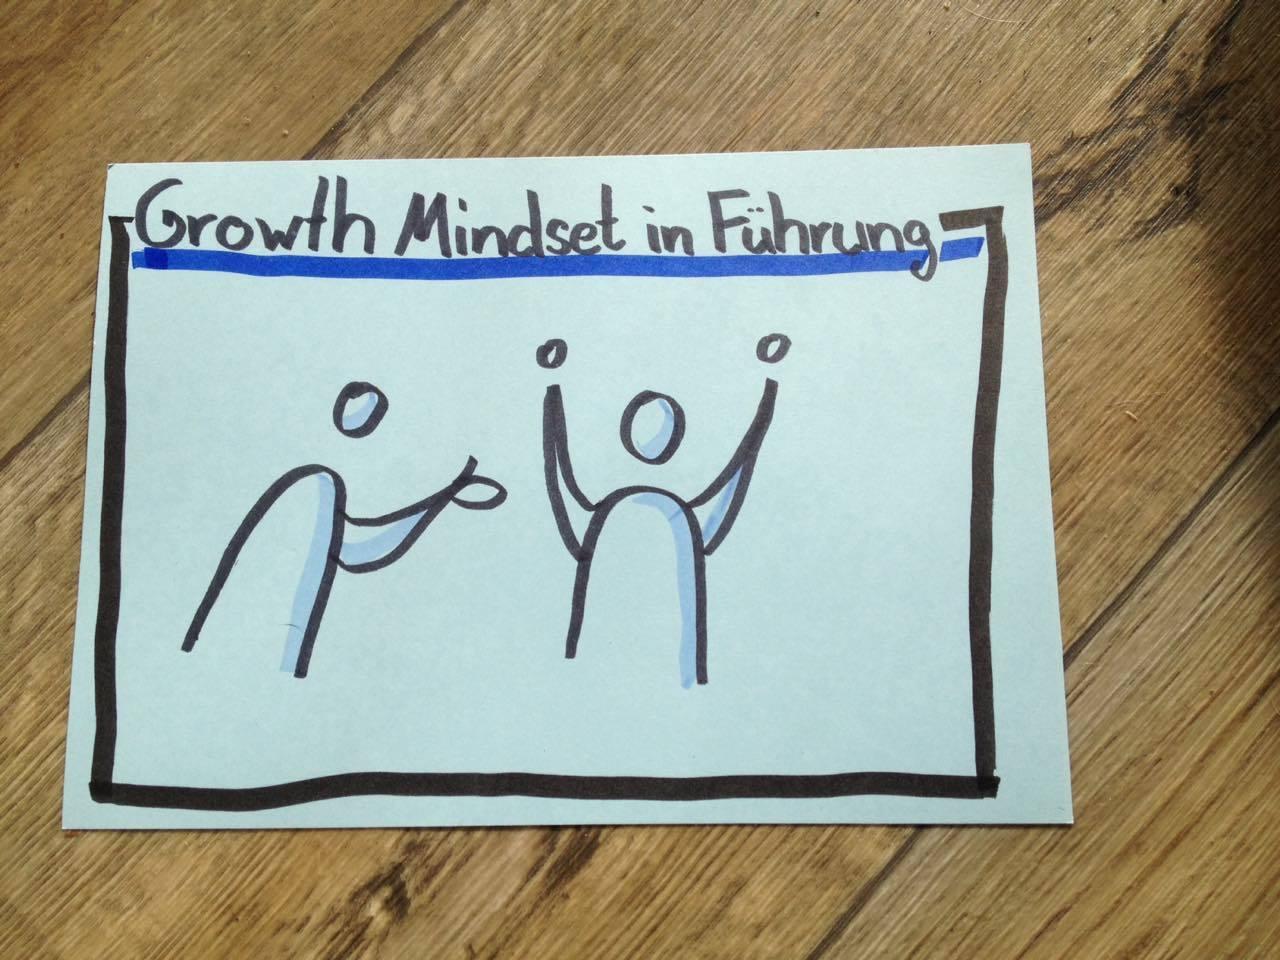 Growth Mindset Führung.jpg